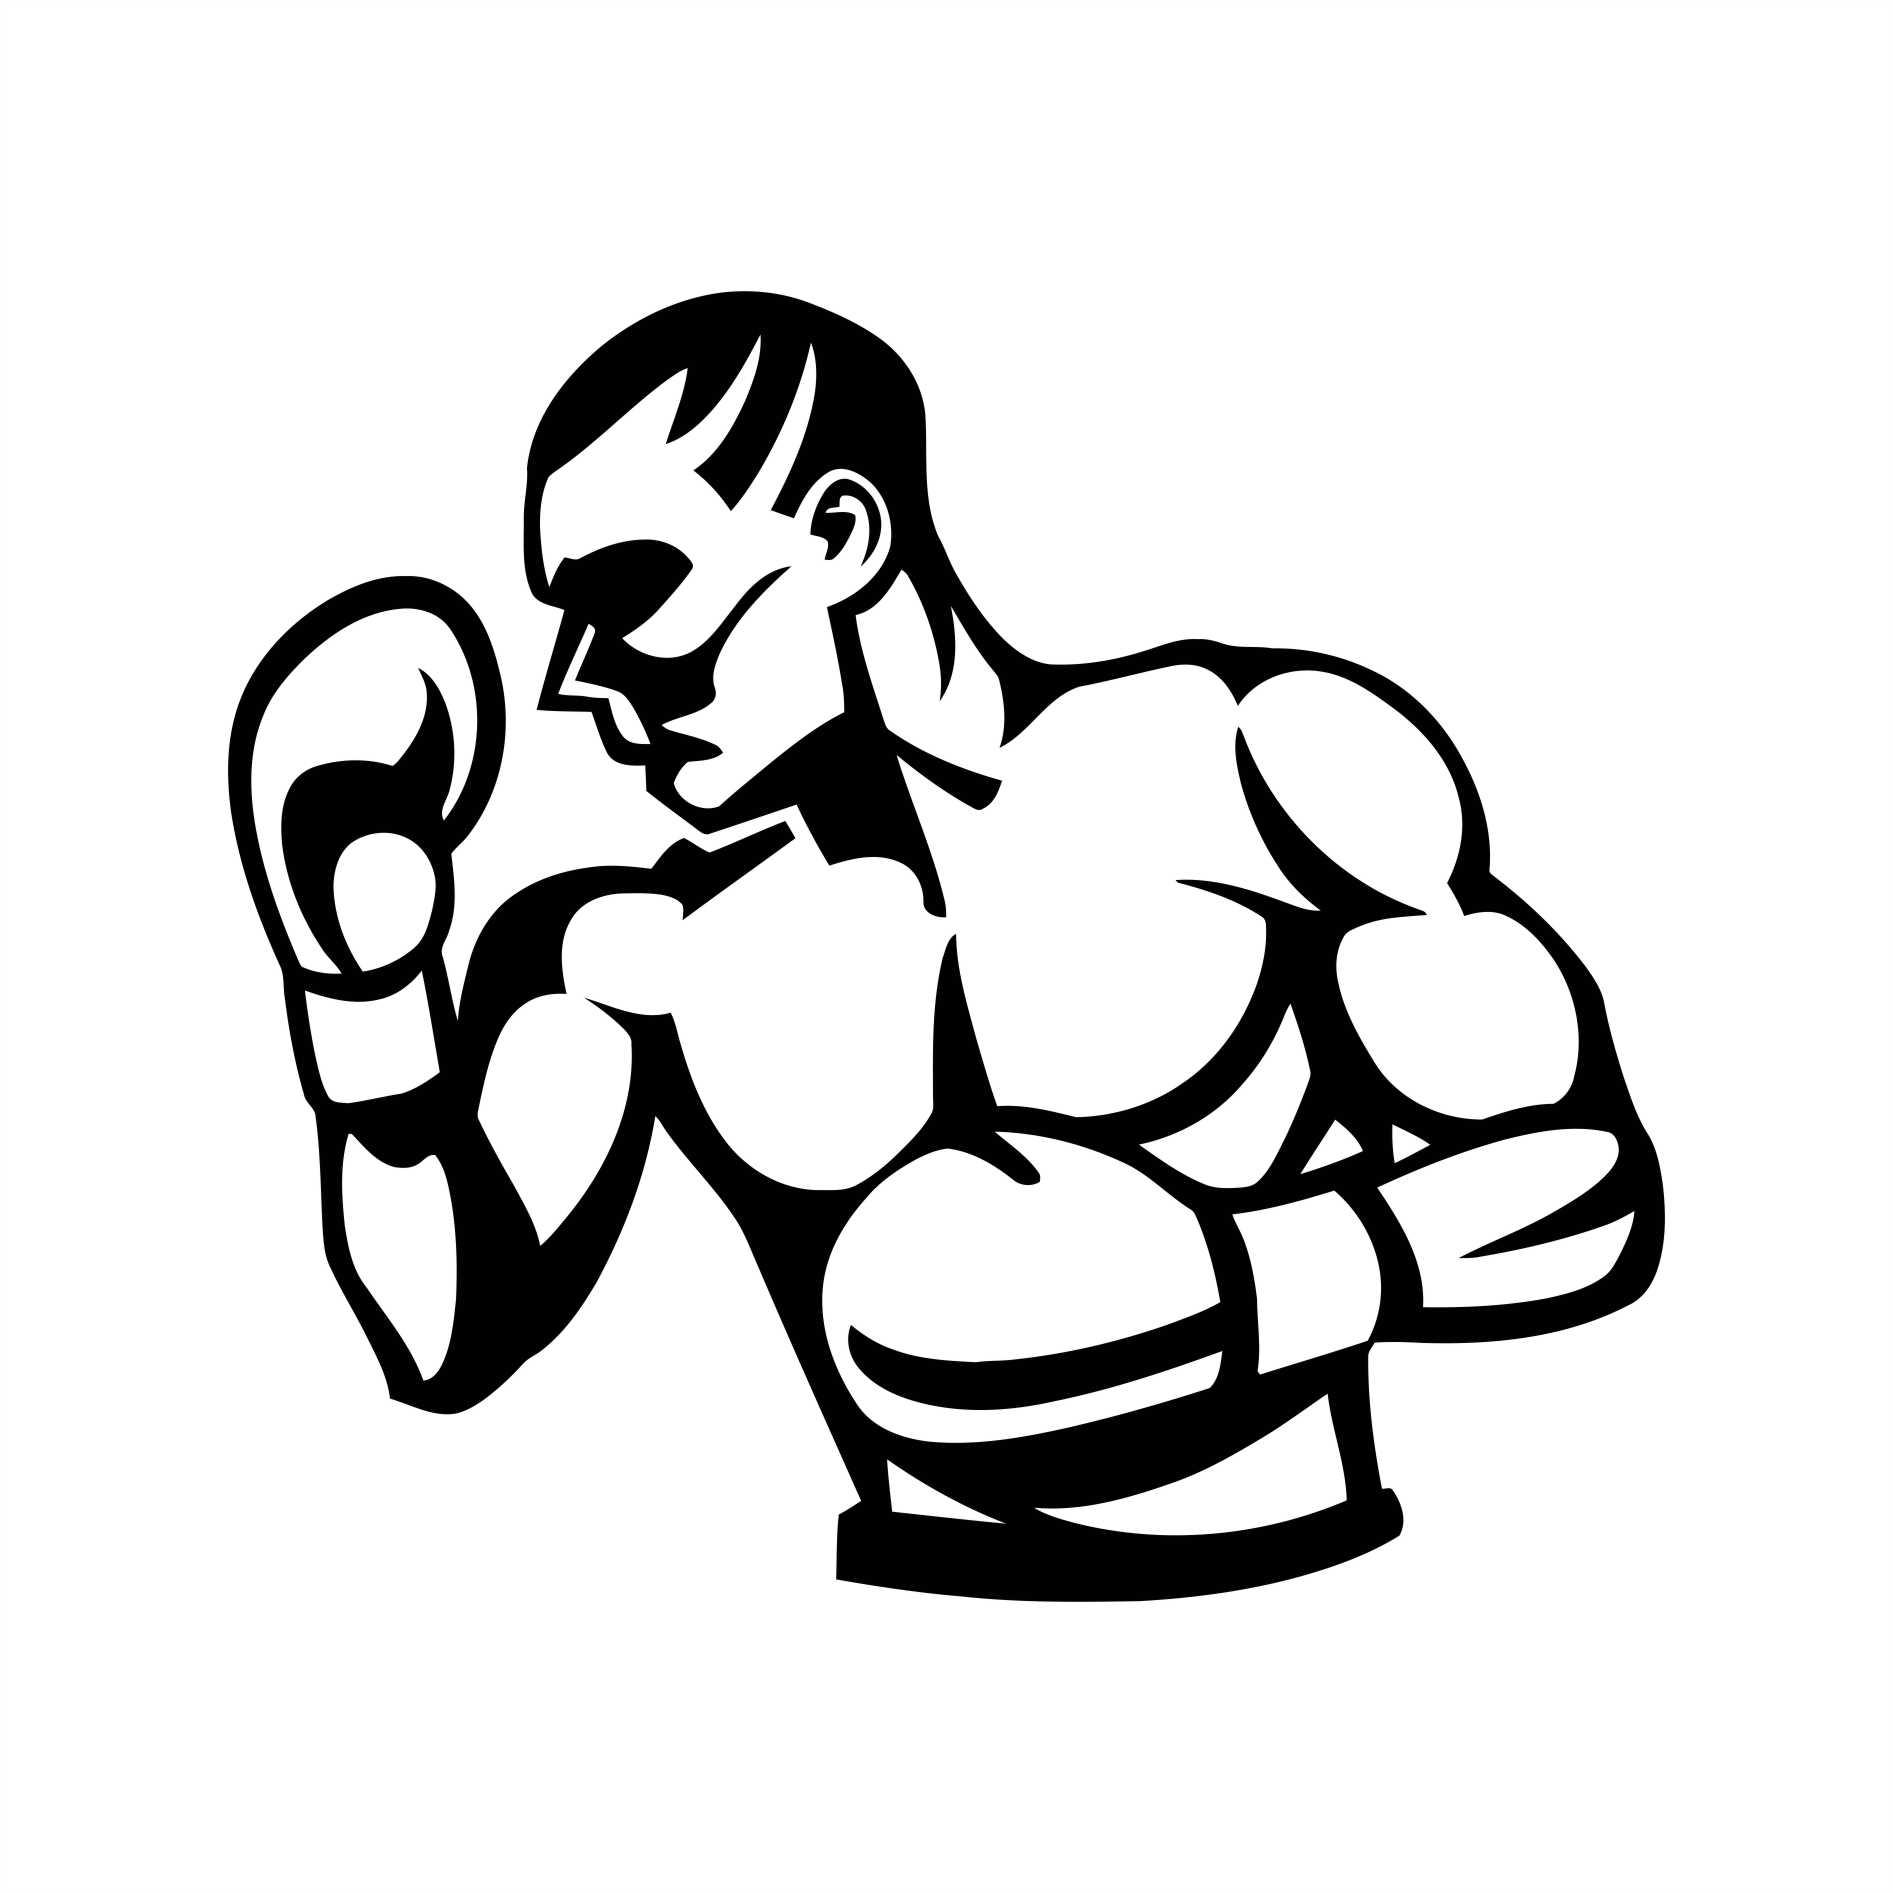 Adesivo Box Boxer Muay Thai Esportes No Elo7 Queen Industria De